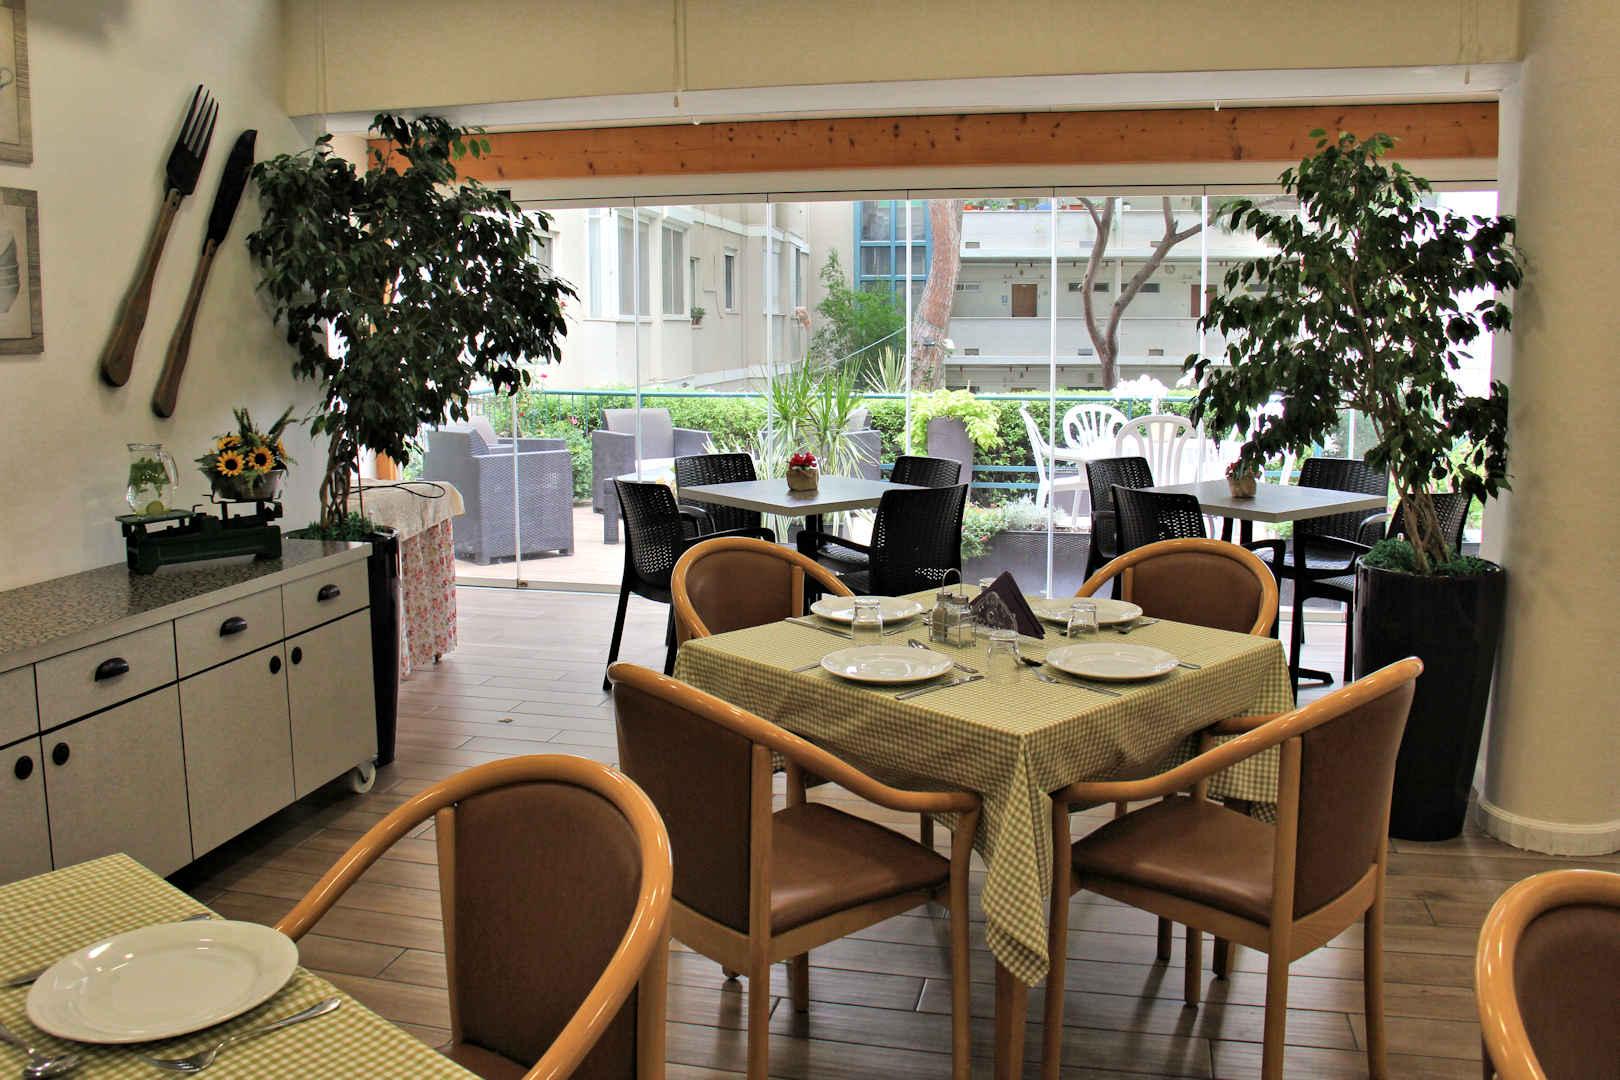 בית הורים רעות התשבי חדר אוכל